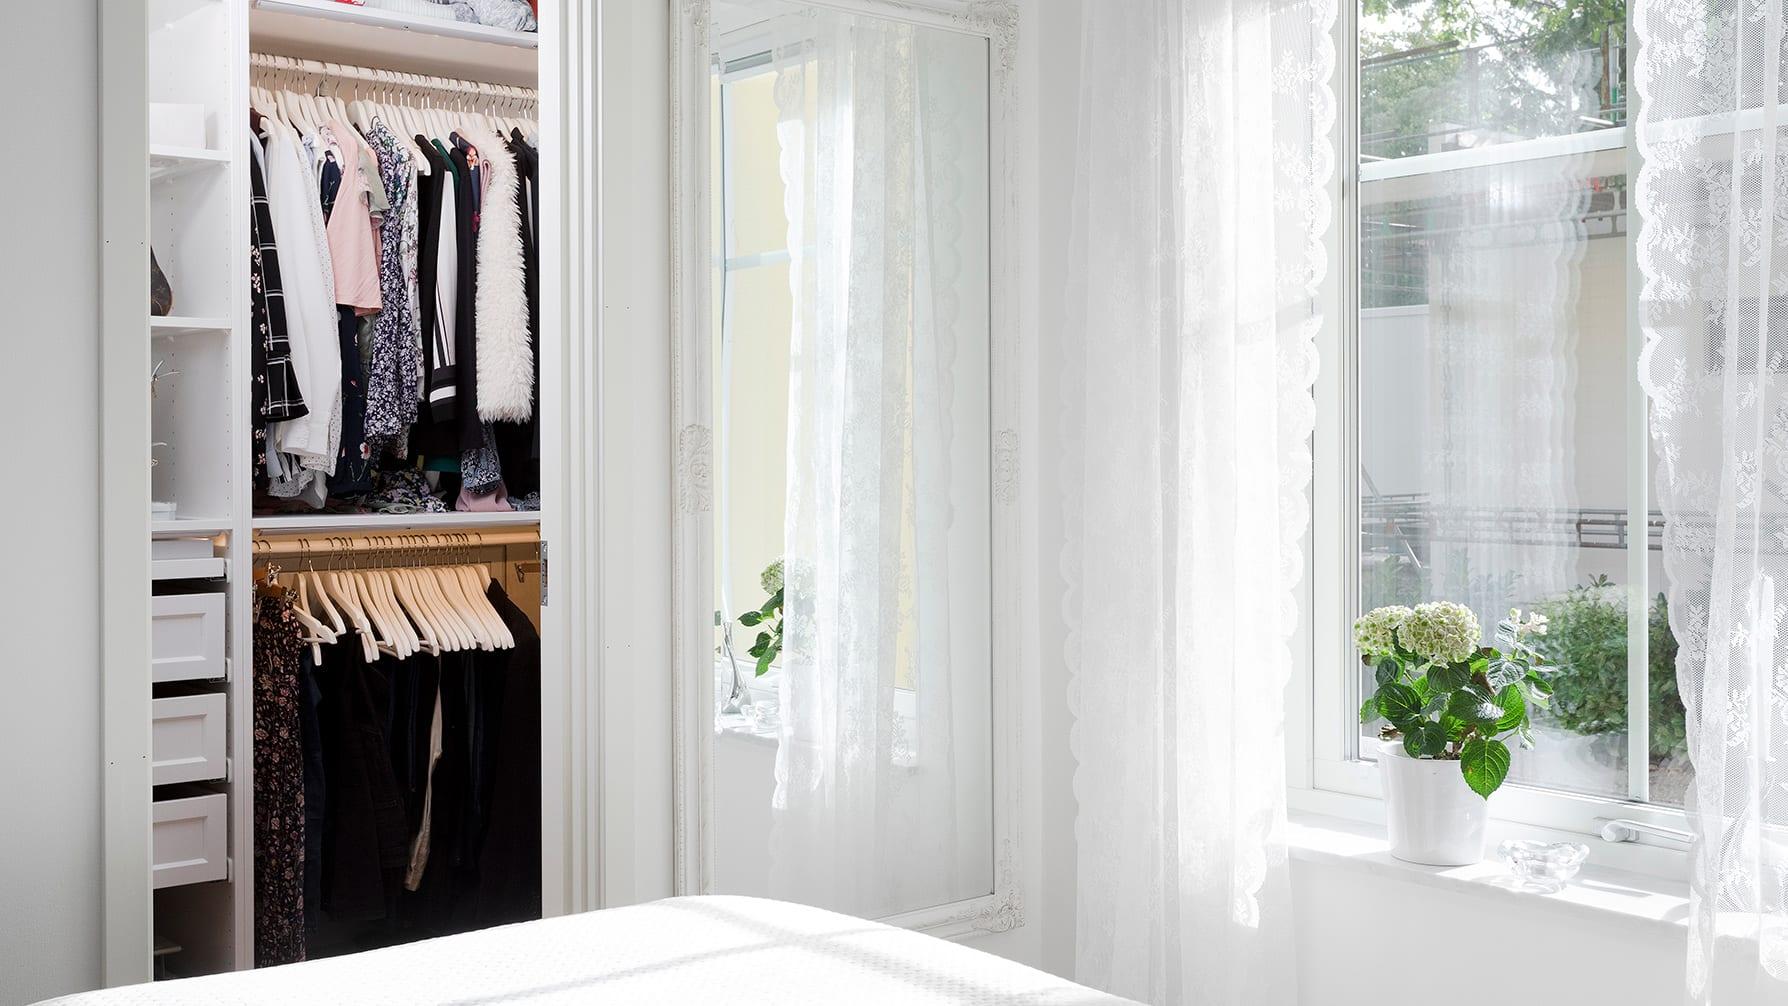 Hemma hos Åsa och Viktor Sovrum, walk in closet, AChoice stenhus